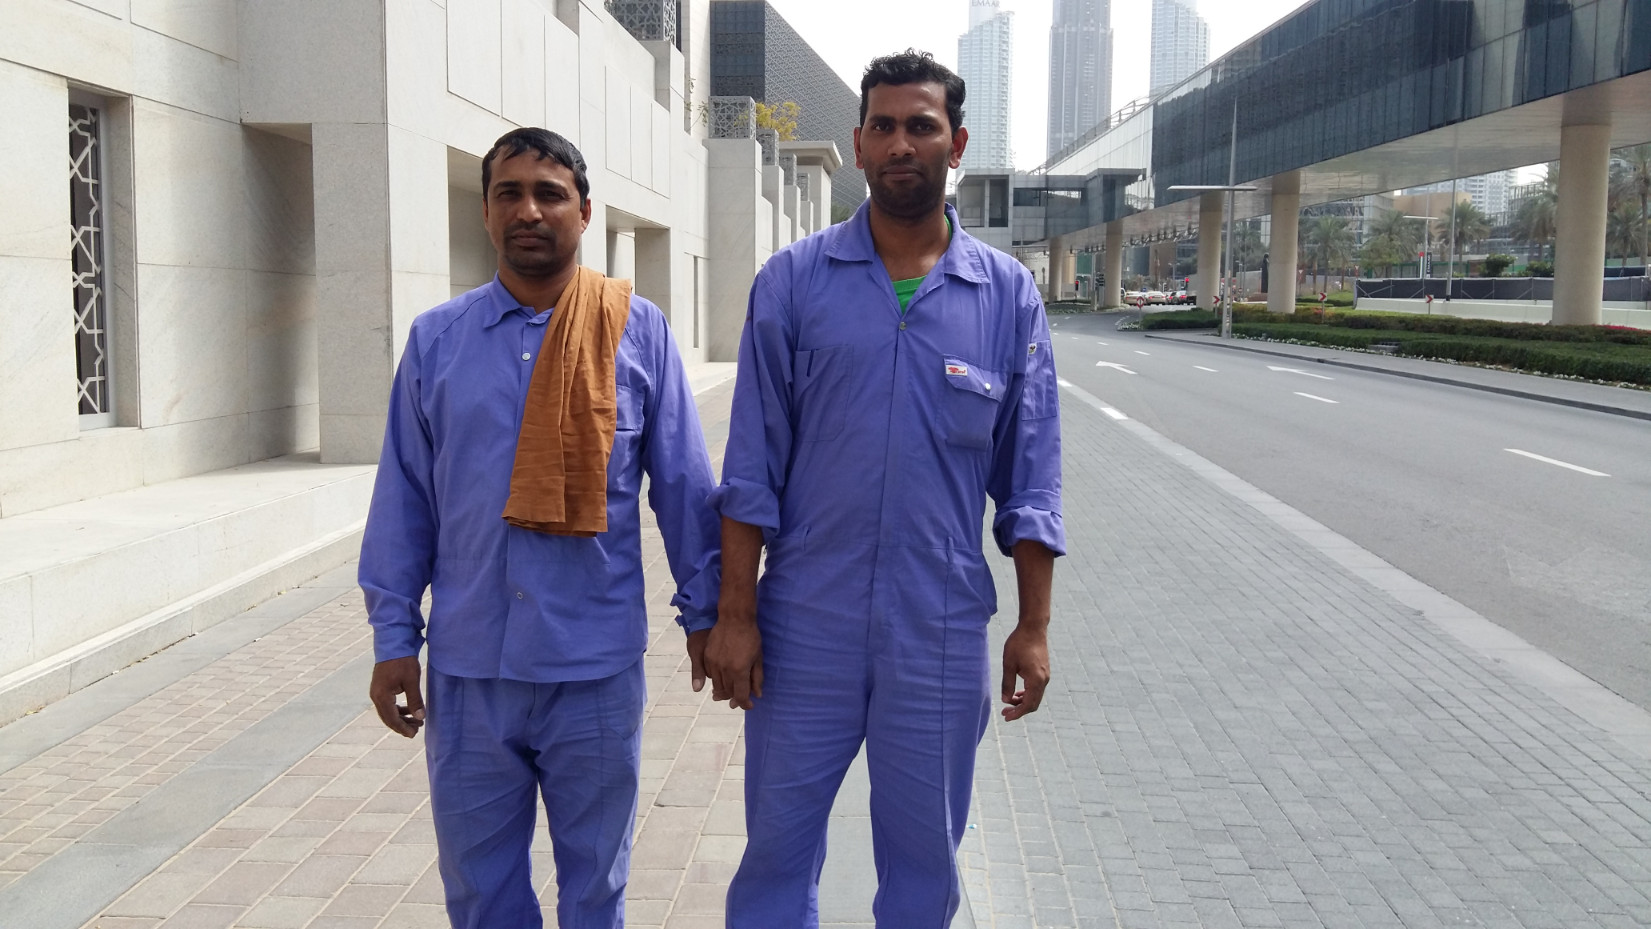 Férfiak, kézen fogva: ők is vendégmunkások és így járnak az utcán, de ez náluk a barátság jele